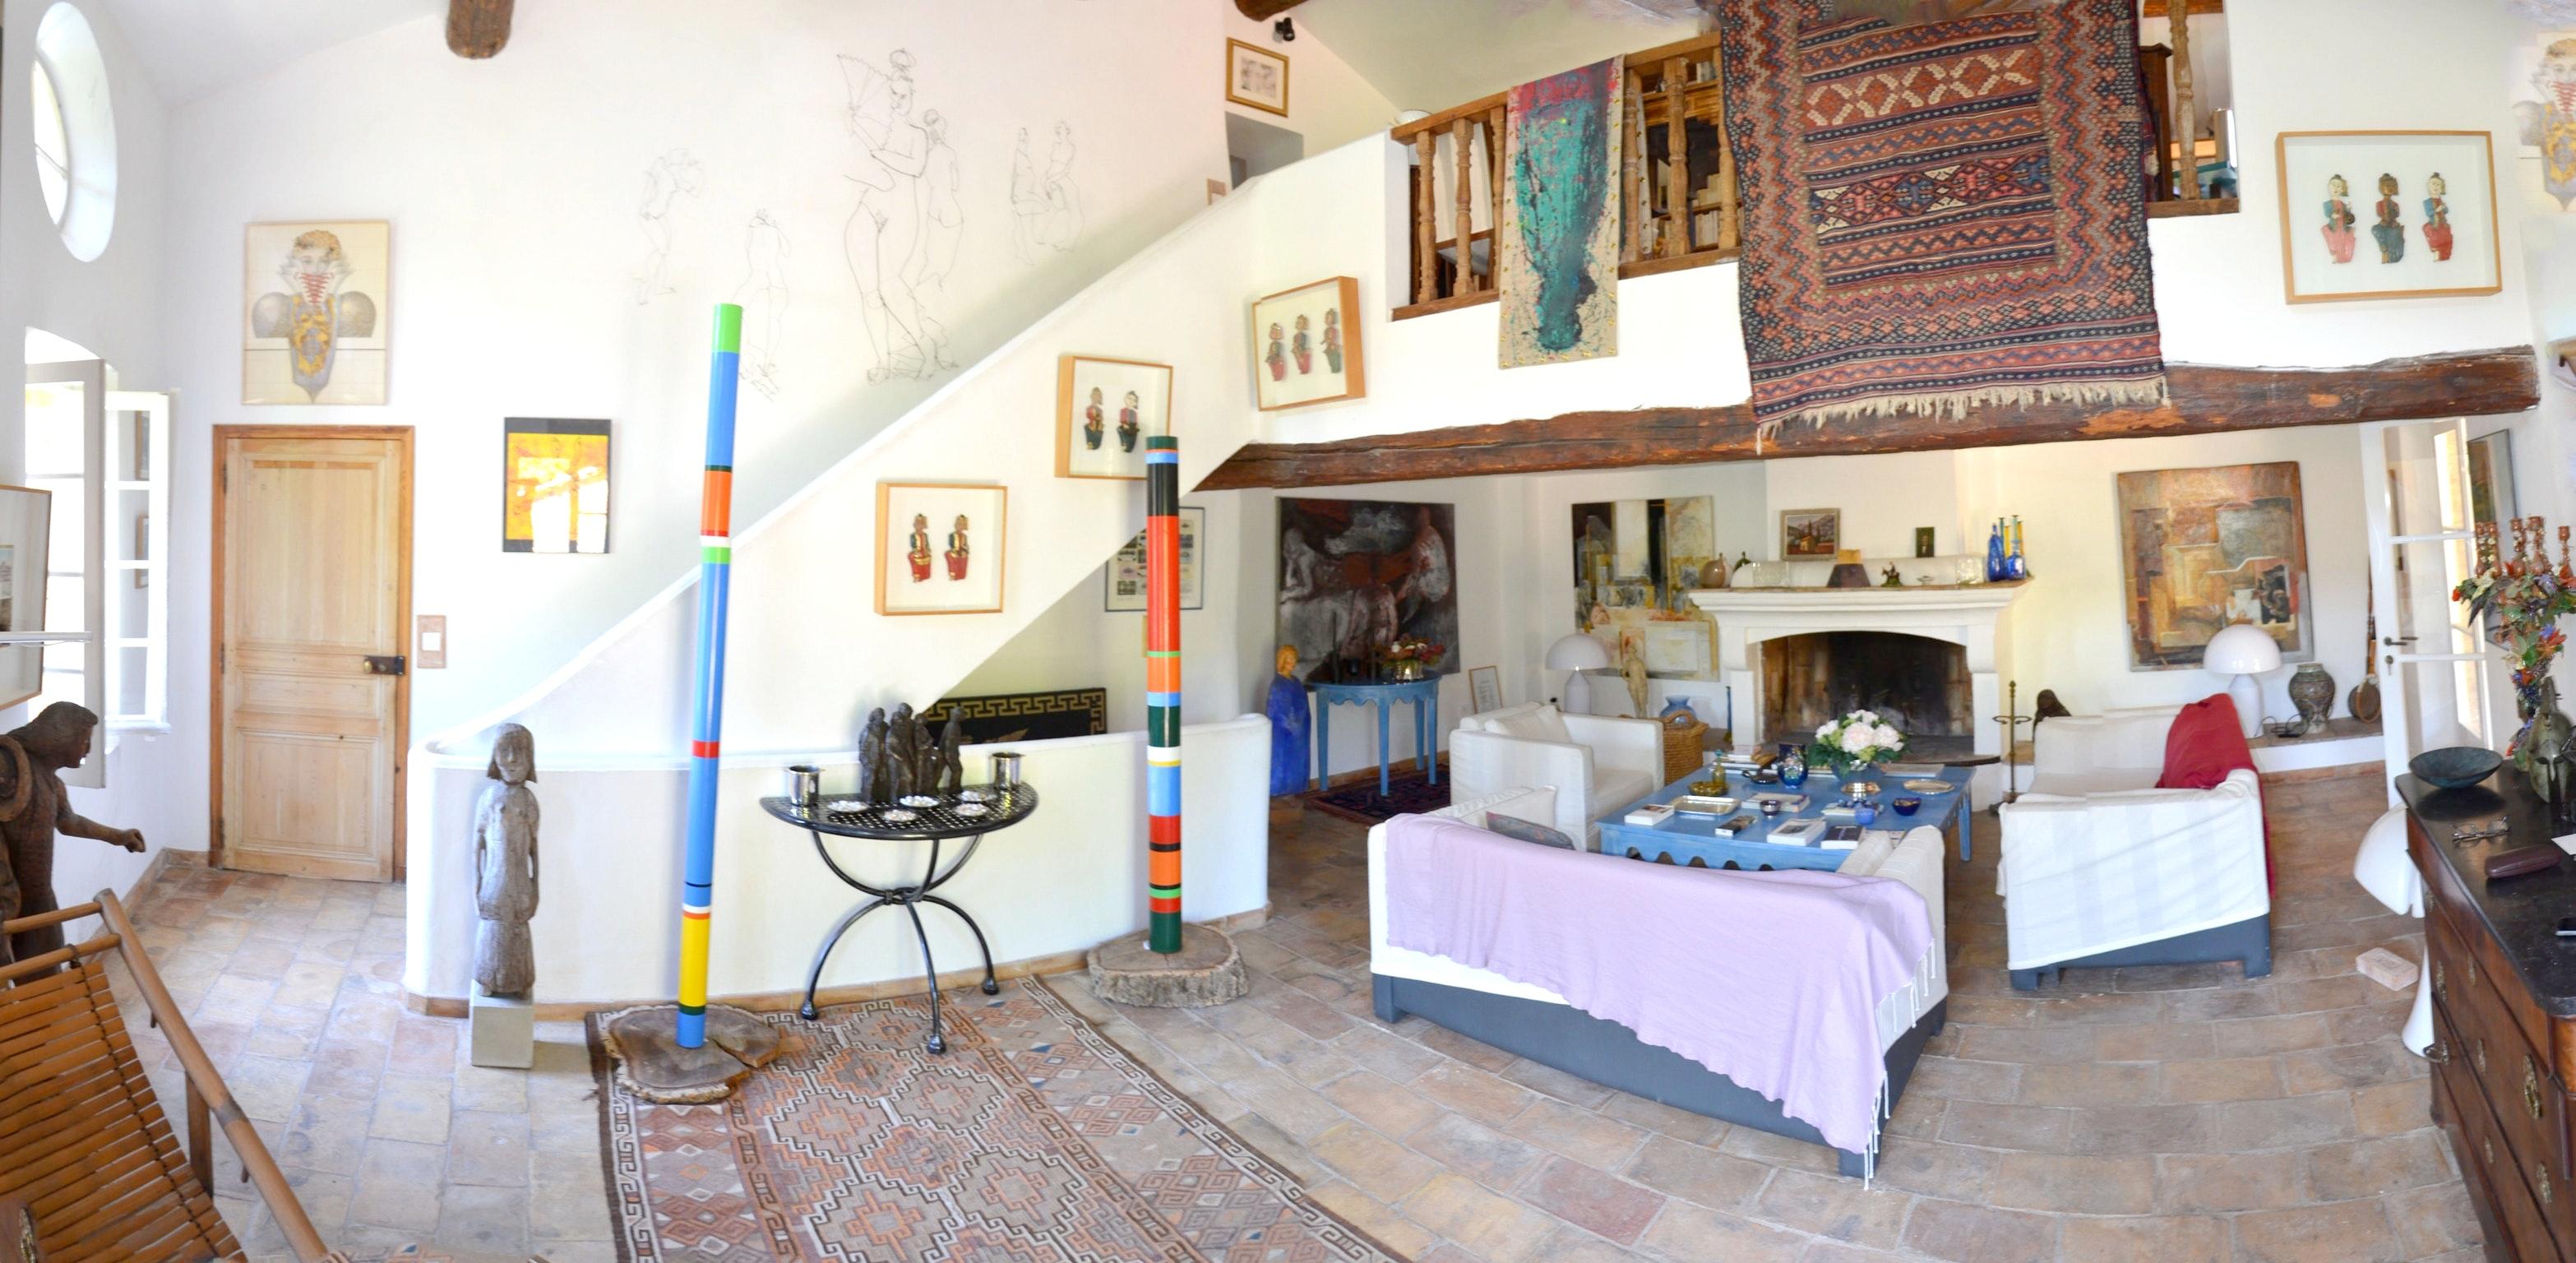 Maison de vacances Villa mit 5 Zimmern in La Garde-Freinet mit privatem Pool, Garten und W-LAN - 20 km vom St (2339879), La Garde Freinet, Côte d'Azur, Provence - Alpes - Côte d'Azur, France, image 8